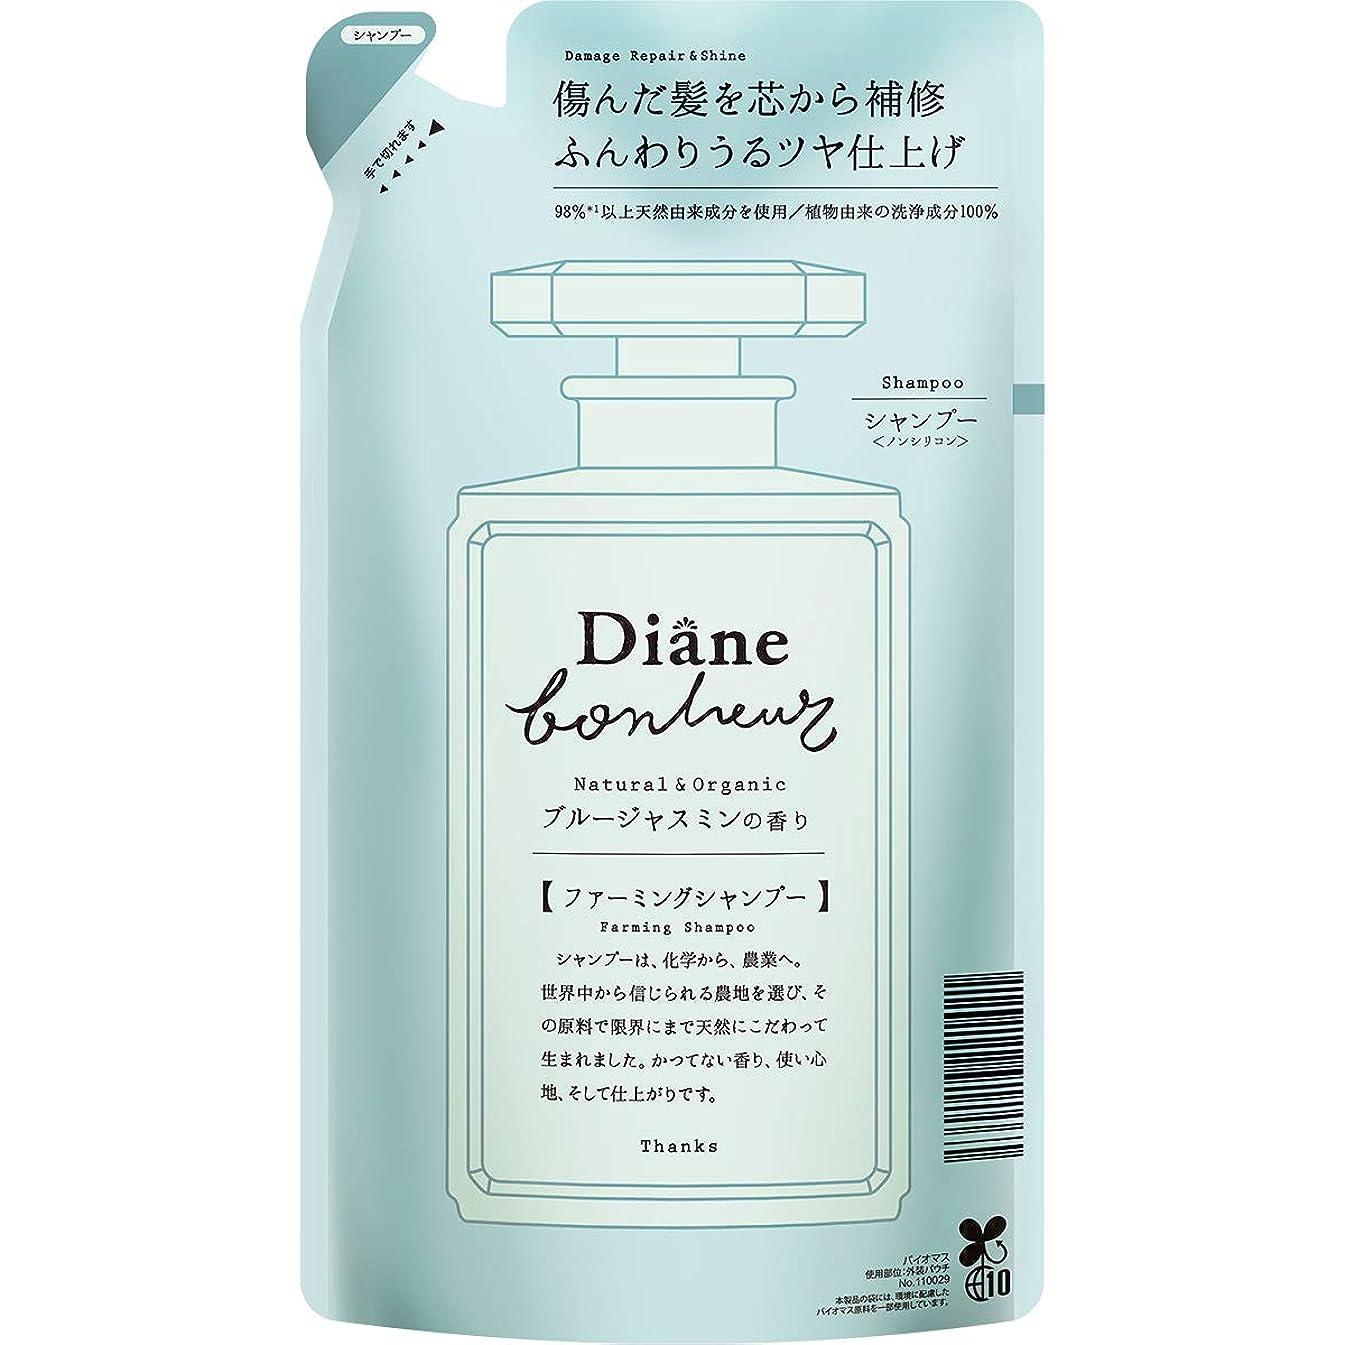 ハイランド原油あたりダイアン ボヌール シャンプー ブルージャスミンの香り ダメージリペア&シャイン 詰め替え 400ml